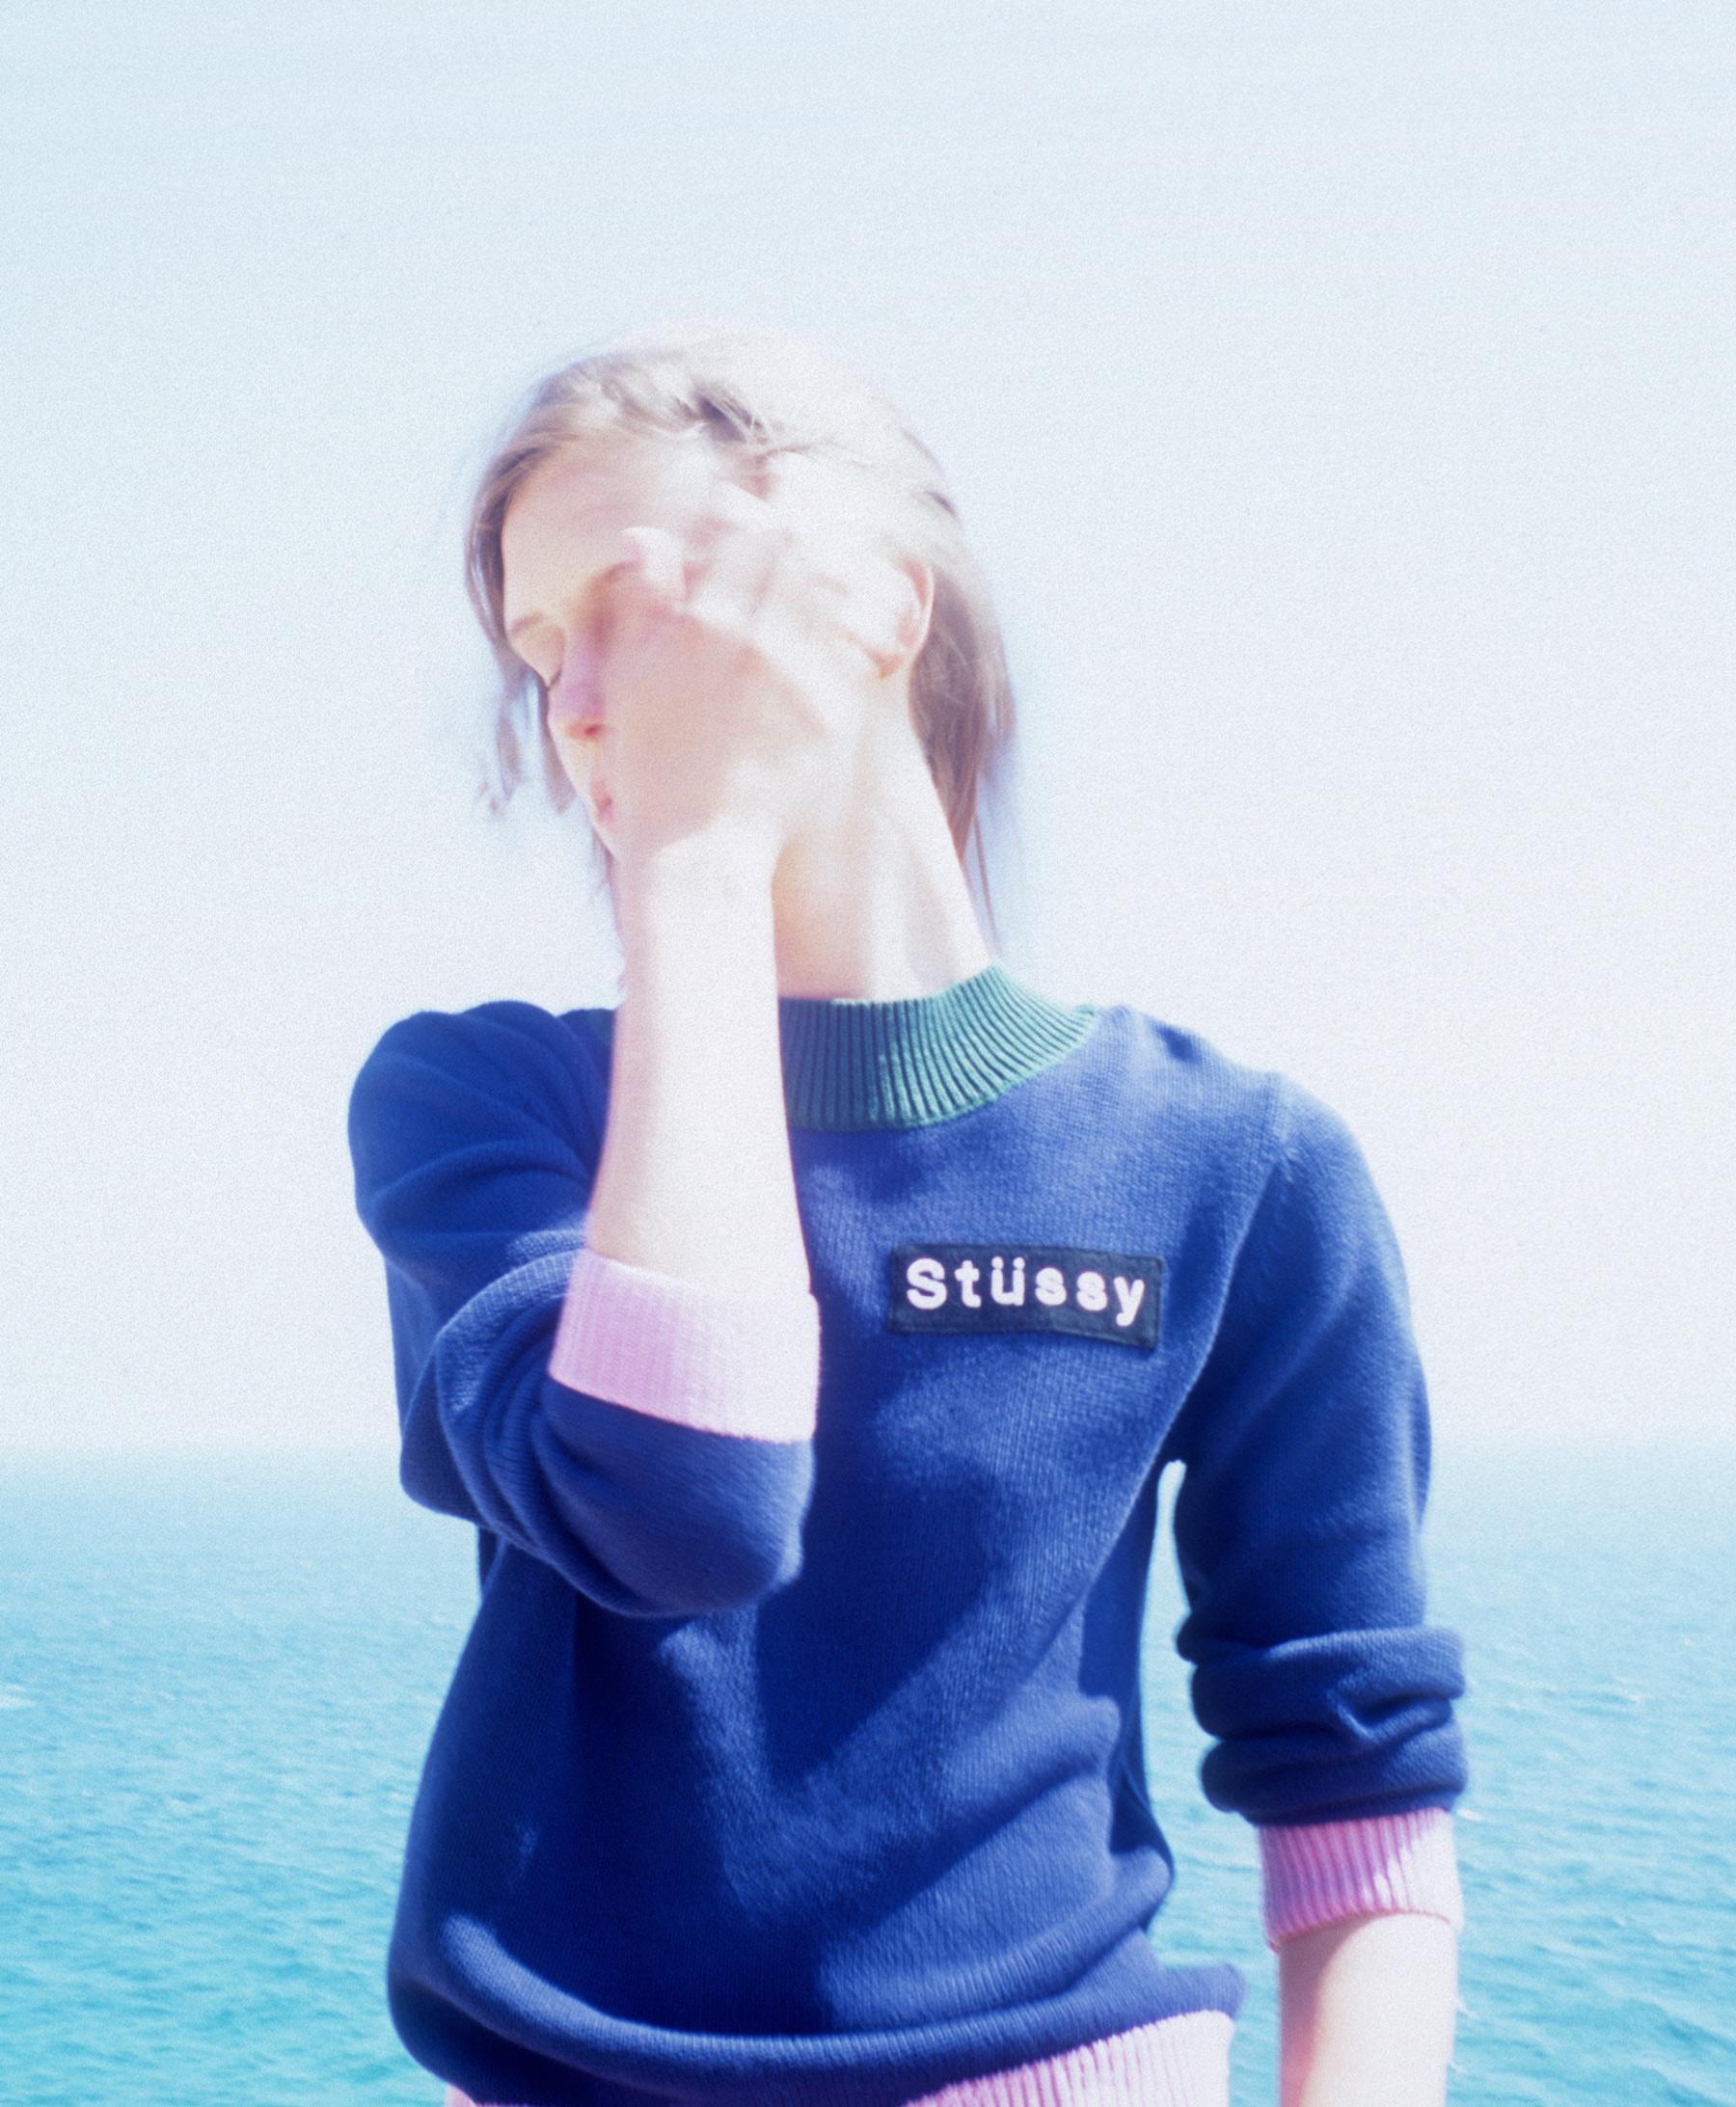 Stussy_Japan_81_CROP.jpg